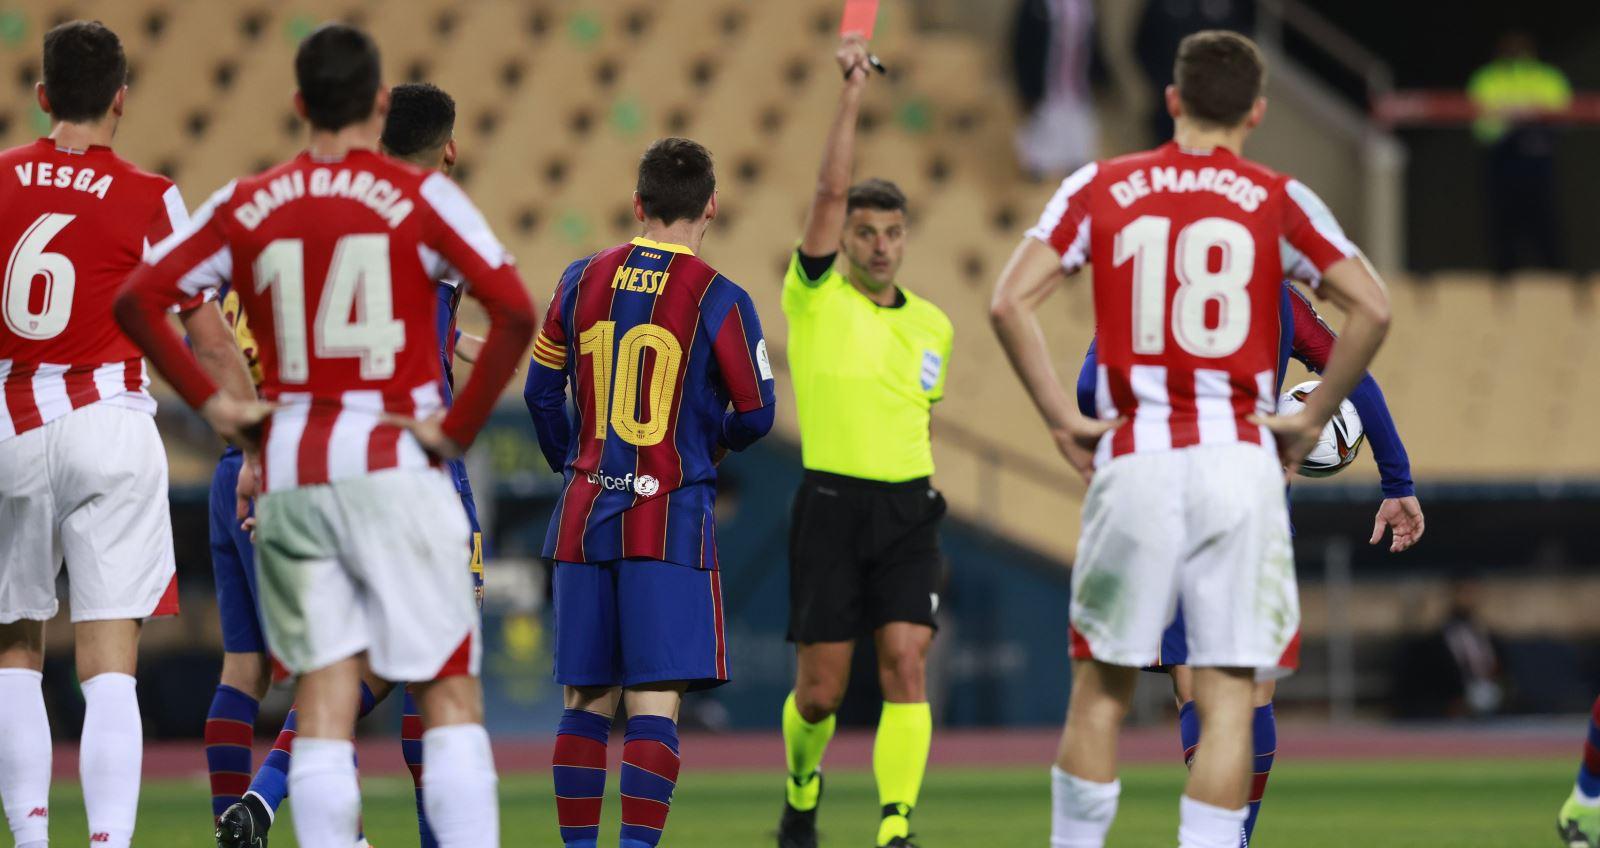 Messi, Messi nhận thẻ đỏ đầu tiên, Barcelona vs Bilbao, Siêu cúp Tây Ban Nha, Lionel Messi, Messi nhận thẻ đỏ, Messi đánh nguội, Barcelona, kết quả siêu cúp Tây Ban Nha